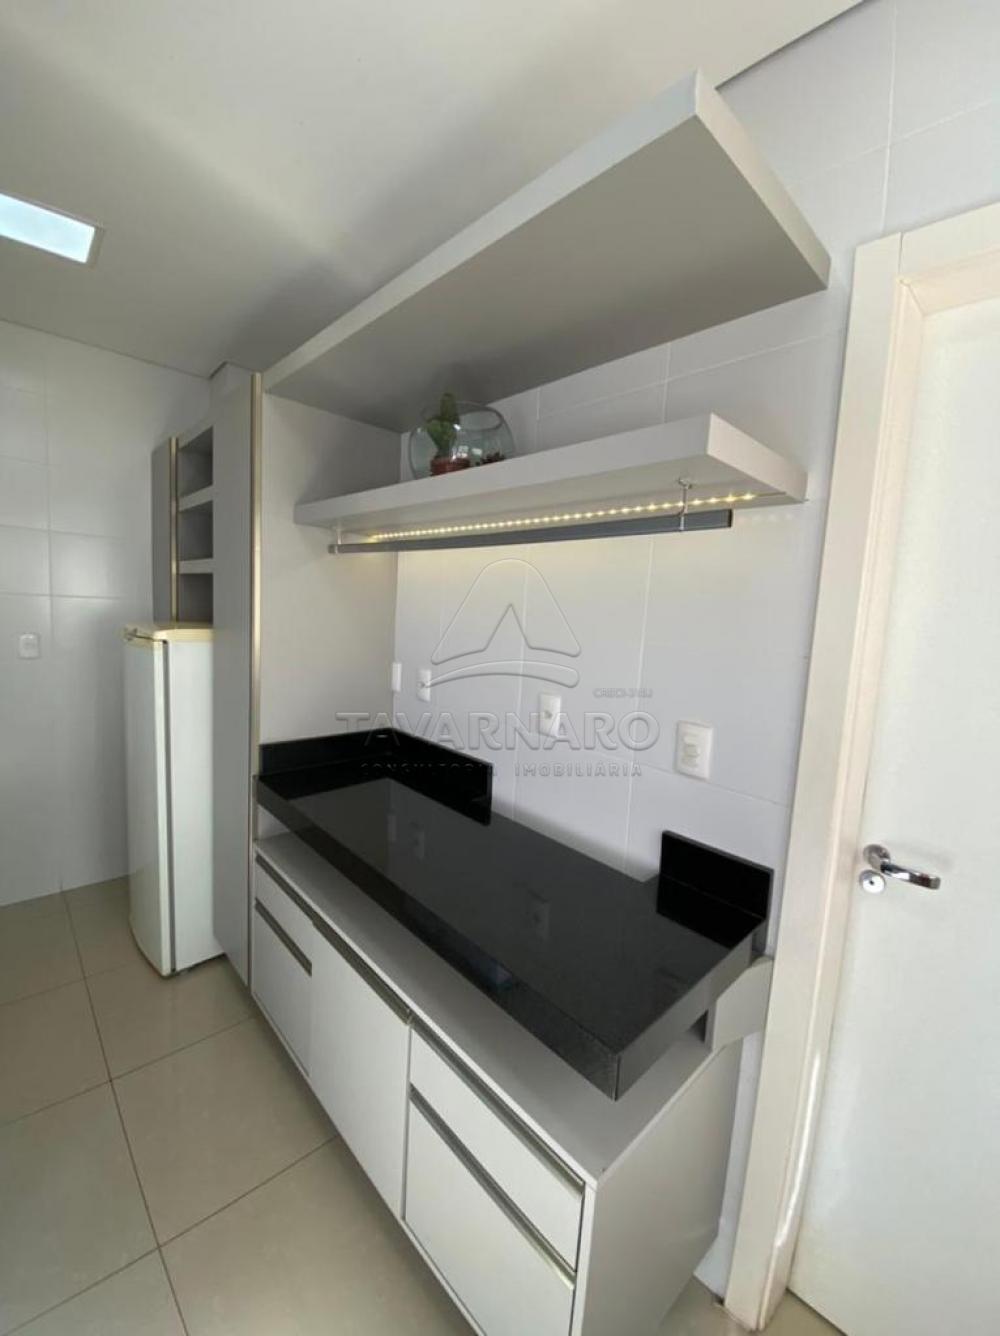 Comprar Casa / Condomínio em Ponta Grossa R$ 1.750.000,00 - Foto 7